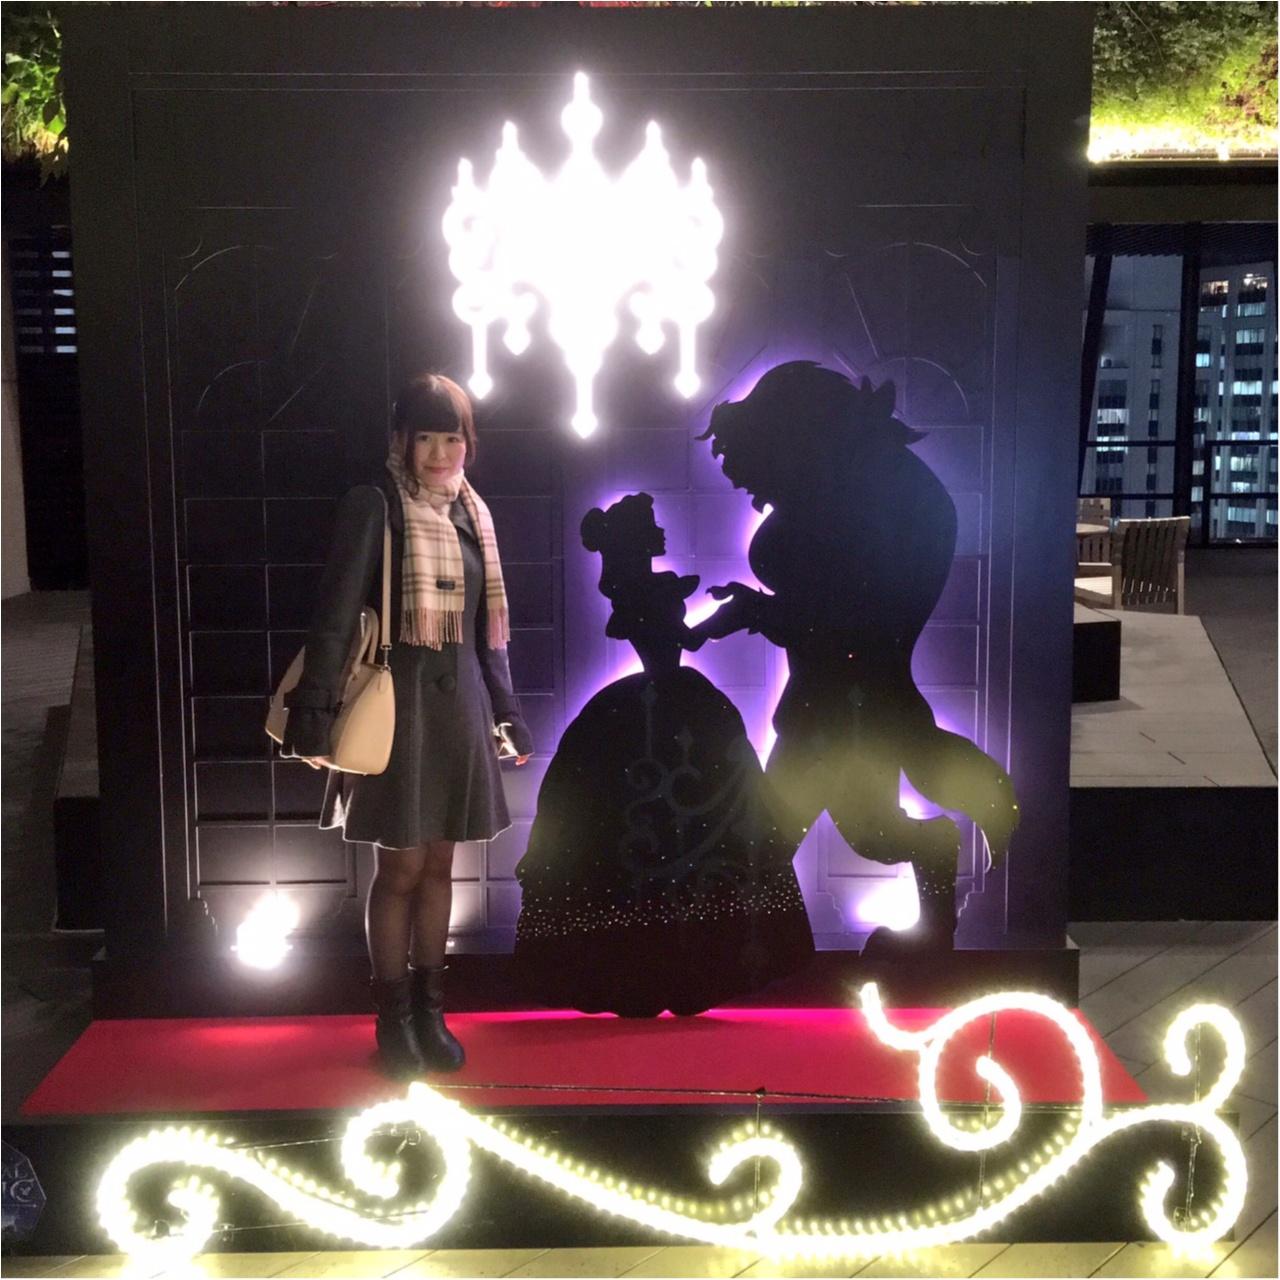 ディズニー映画『美女と野獣』がテーマの 『TOKYU PLAZA GINZA CHRISTMAS 2016』を写真たっぷりでご紹介しちゃいます♡_12